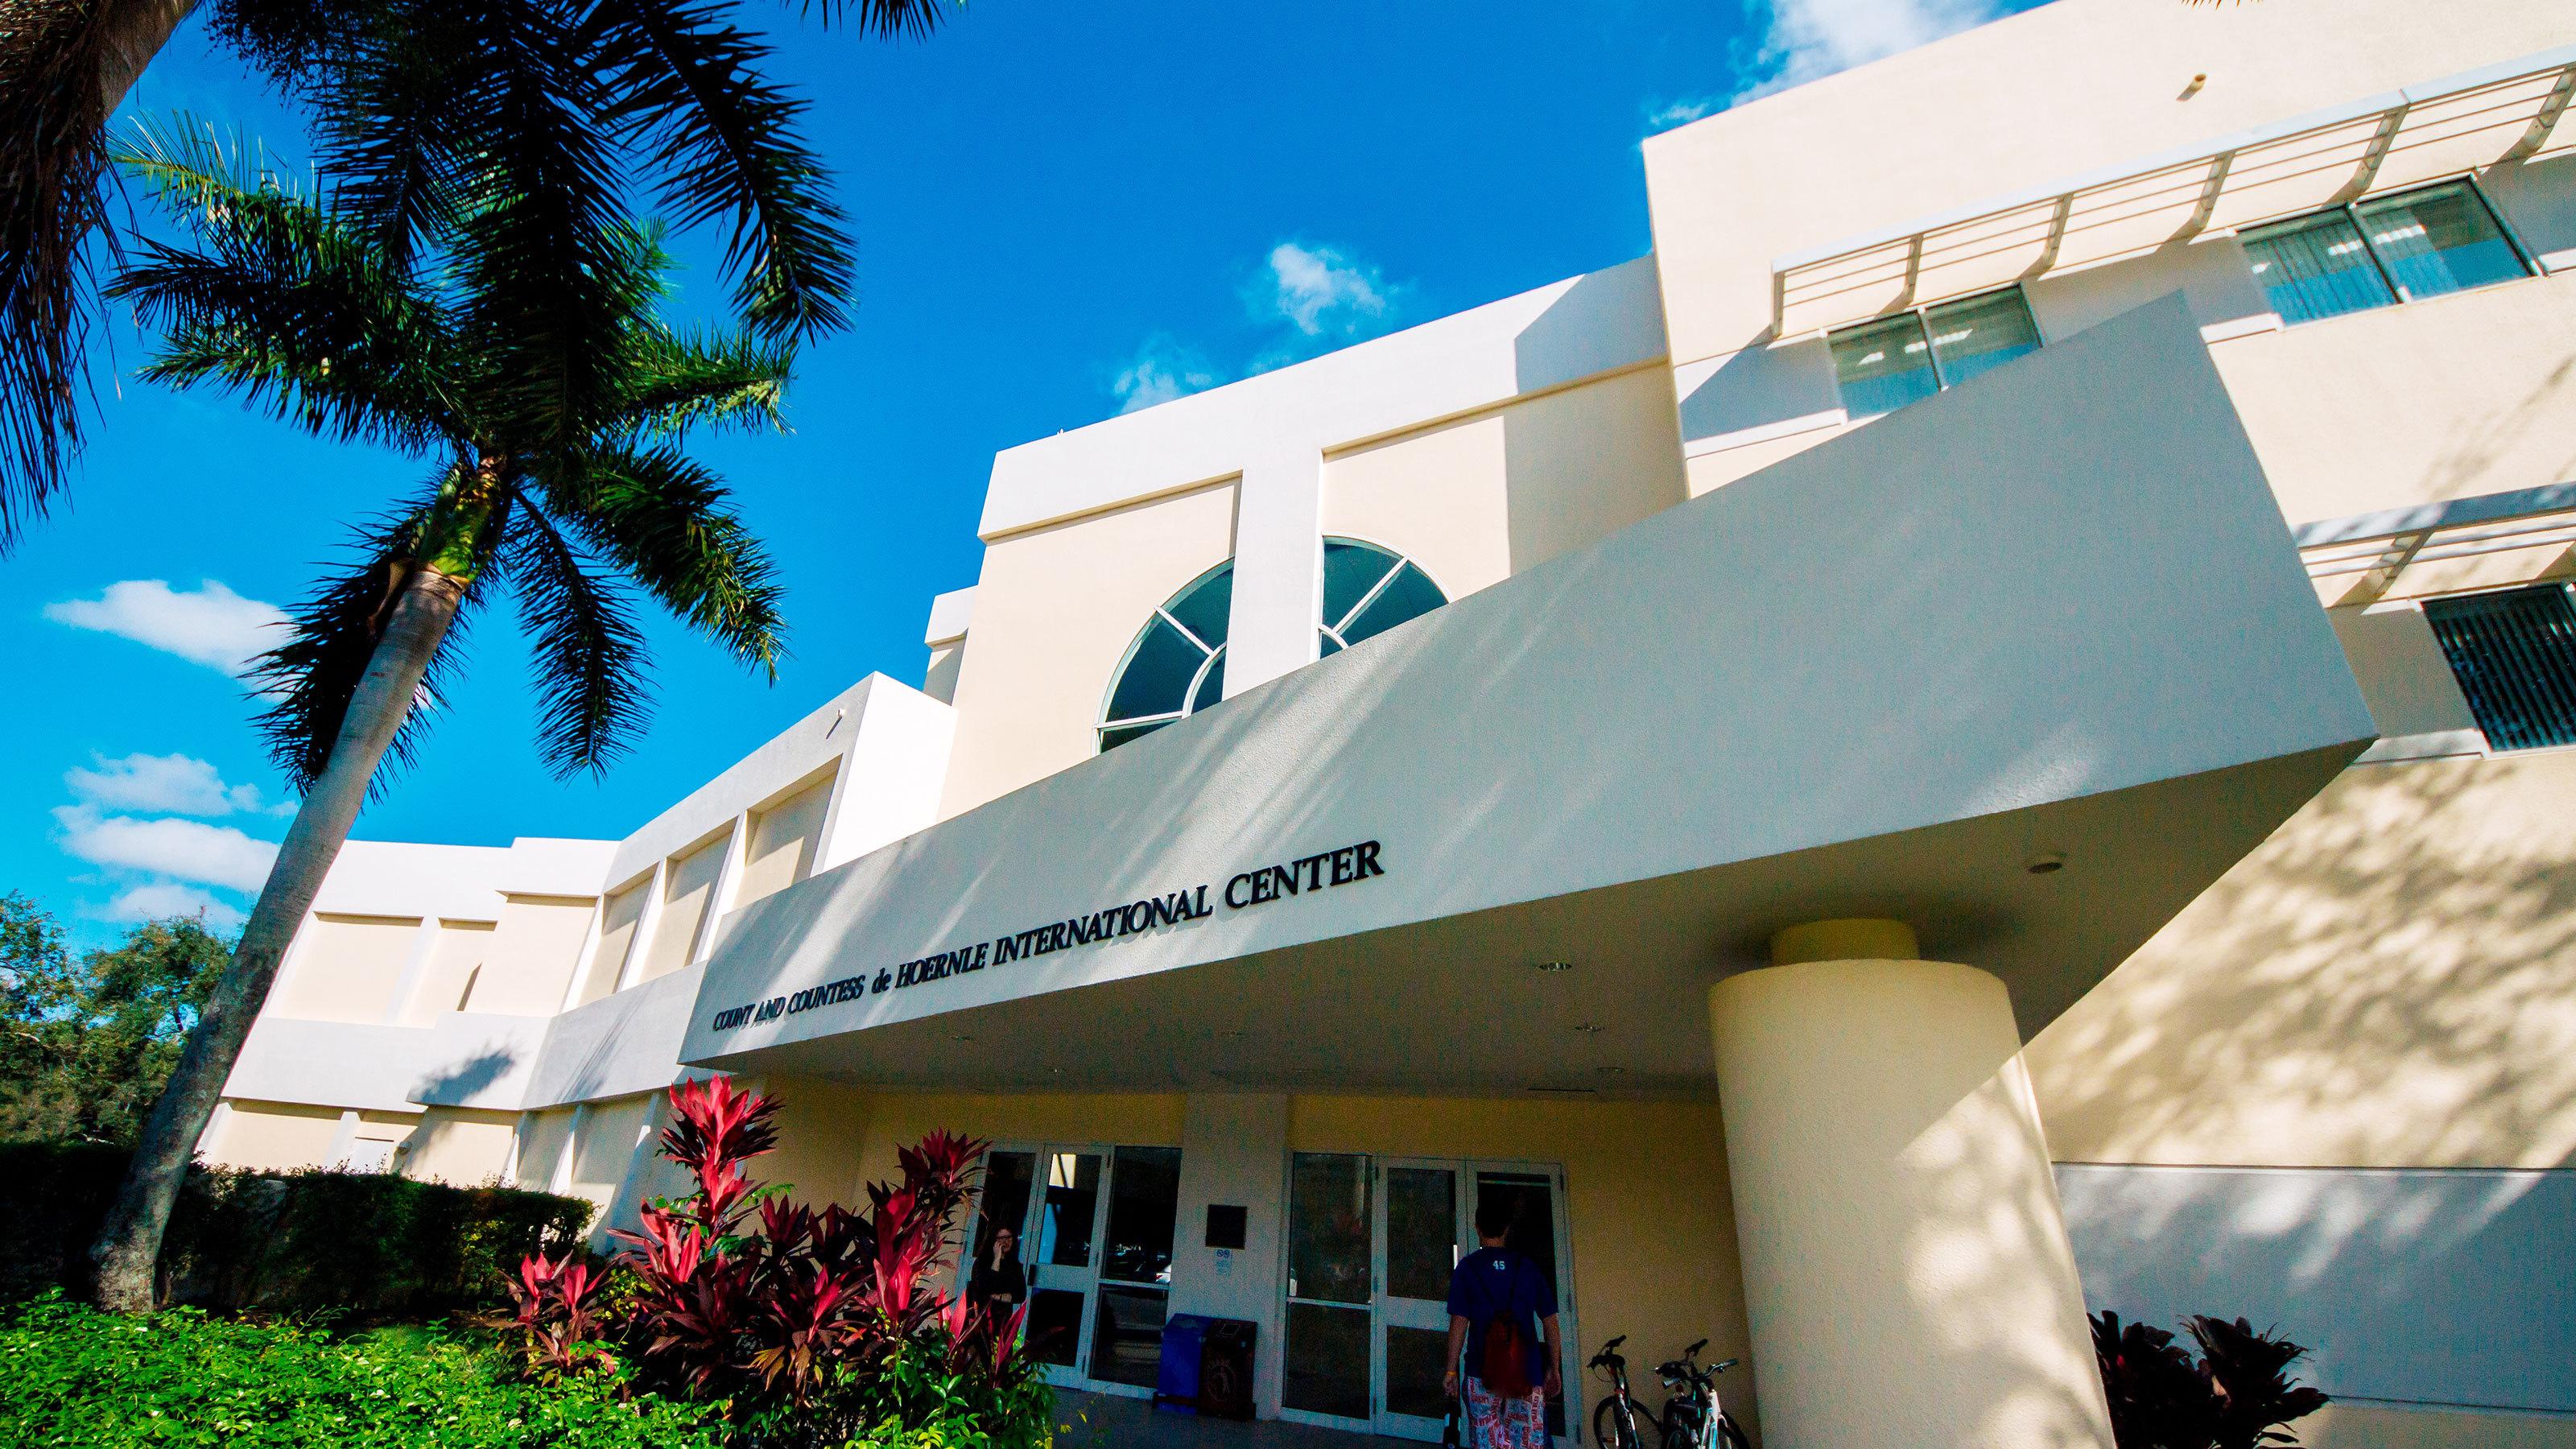 International Center at Lynn